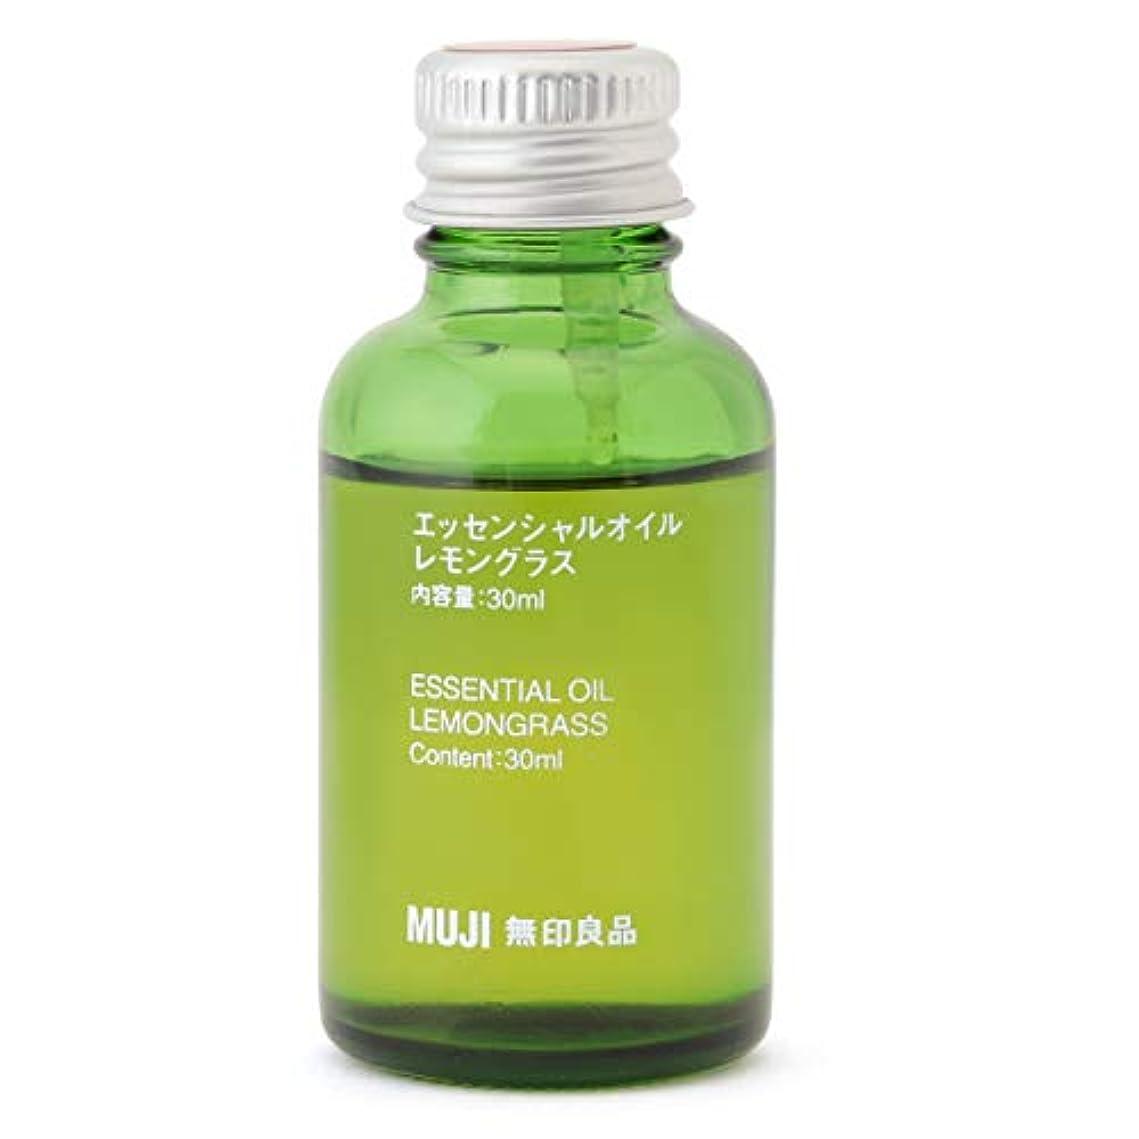 レギュラー遠えフォージ【無印良品】エッセンシャルオイル30ml(レモングラス)